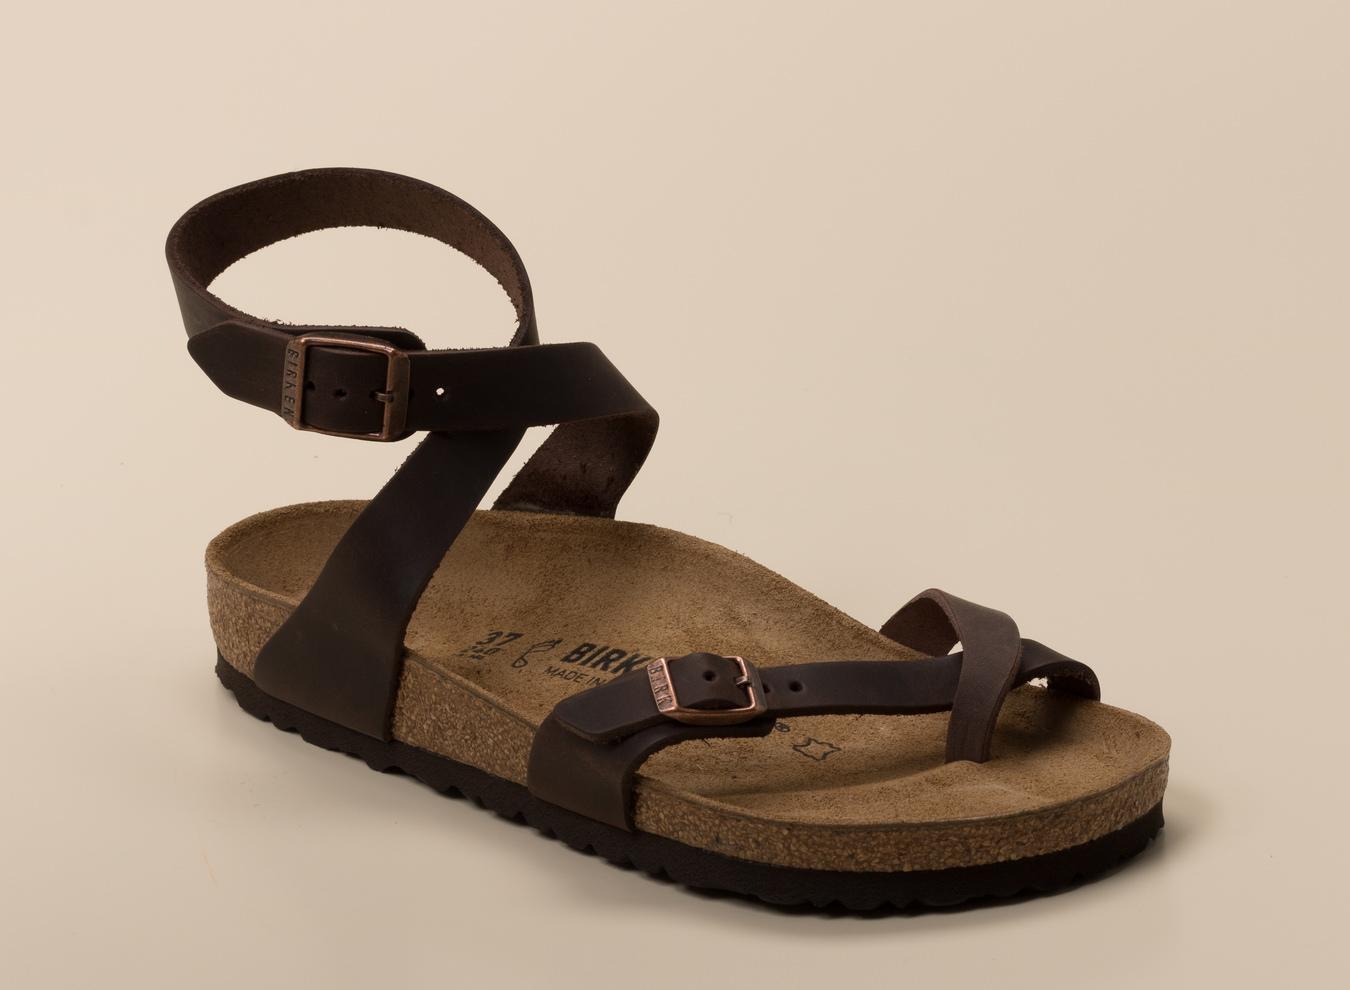 df0a6ac483c432 Birkenstock Damen Zehentrenner-Sandale Yara in dunkelbraun kaufen ...